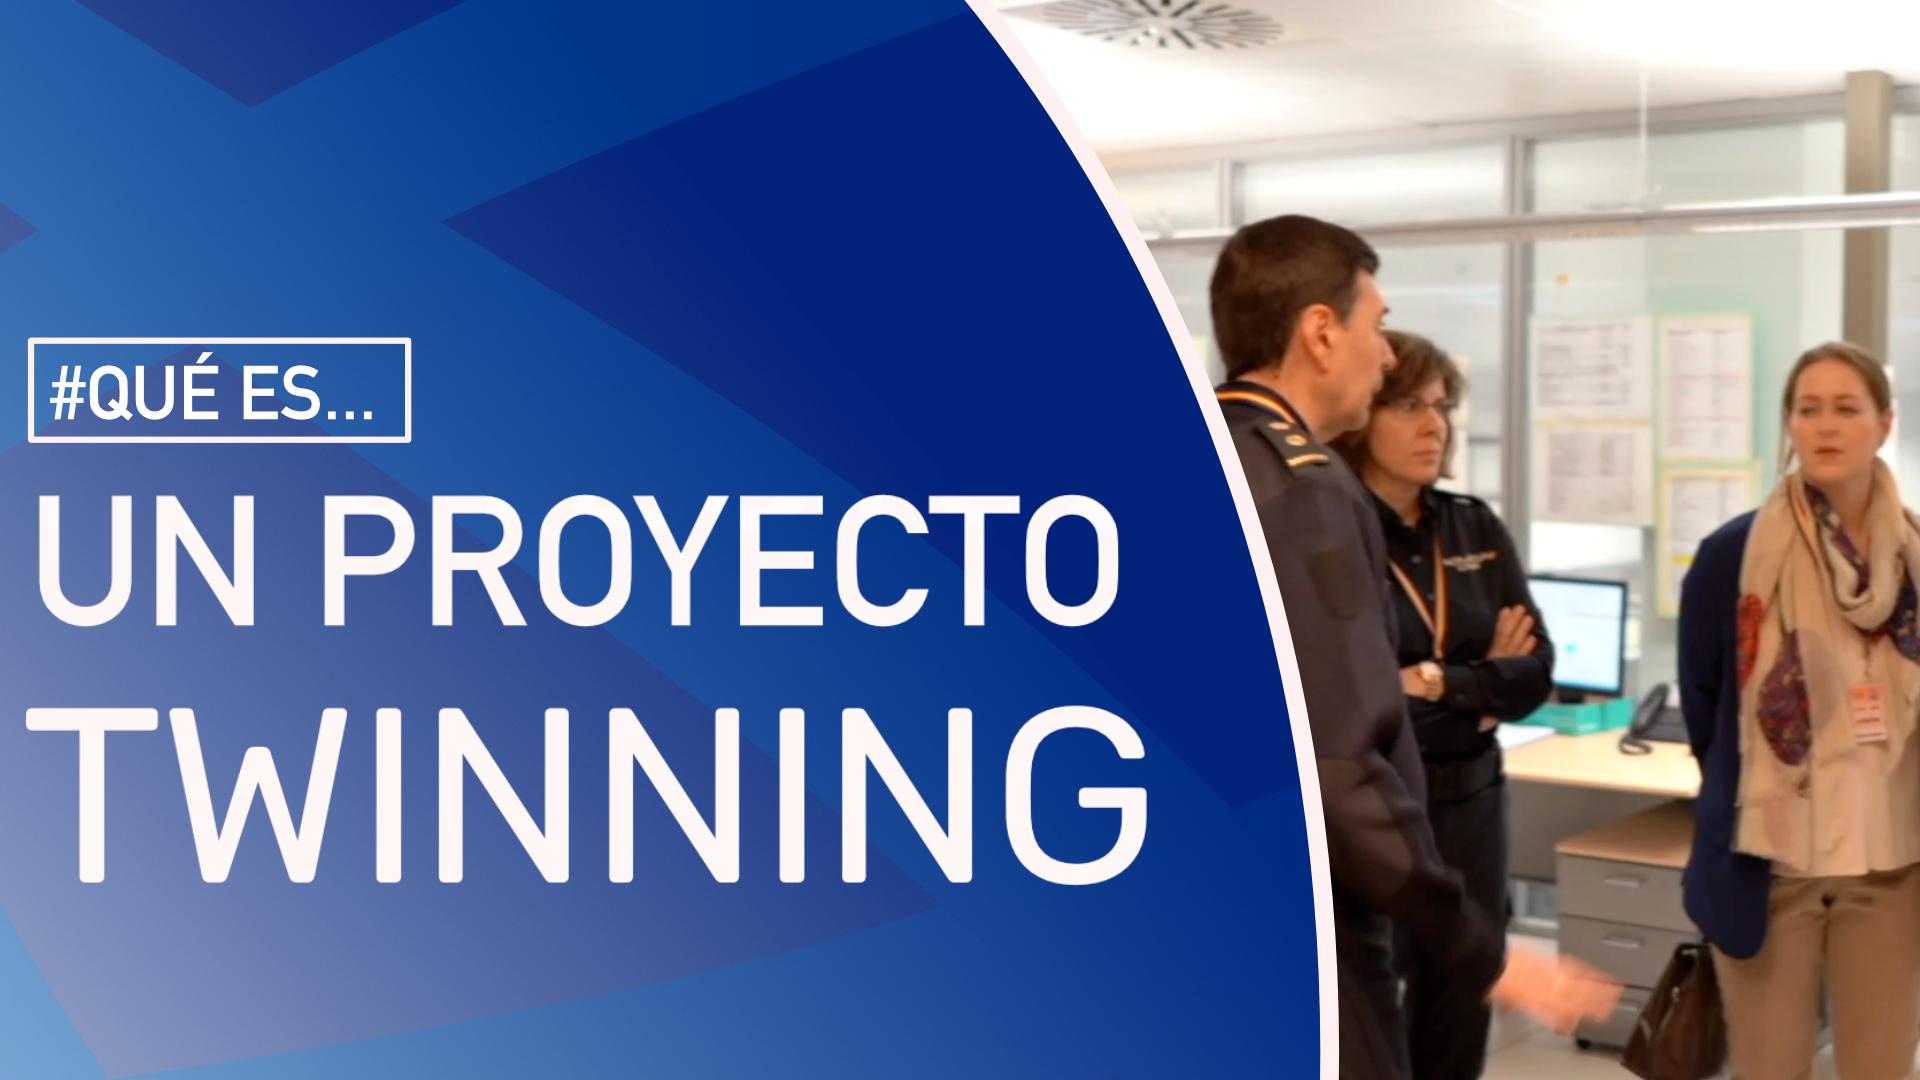 La FIIAPP gestiona proyectos Twinning, una tipología de cooperación de la Comisión Europea que se basa en el hermanamiento de instituciones públicas de diferentes países.